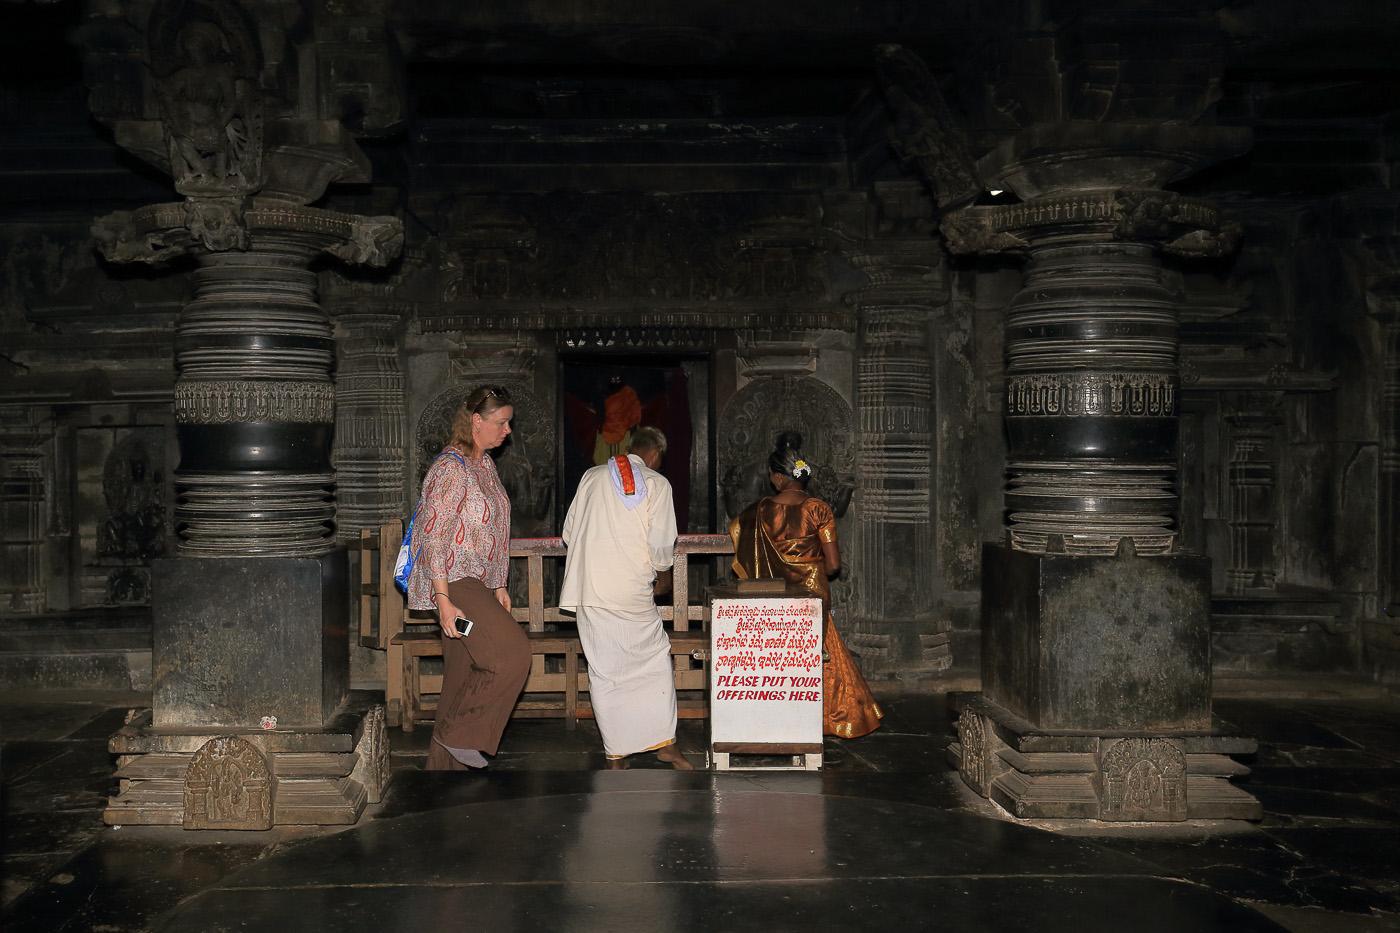 Фото №18. Chennakesava Temple. Алтарь и площадка для танцовщиц (девадаси). Куда поехать в Карнатаке. 1/60, 0 eV, f 10, 32mm, ISO 800, вспышка.